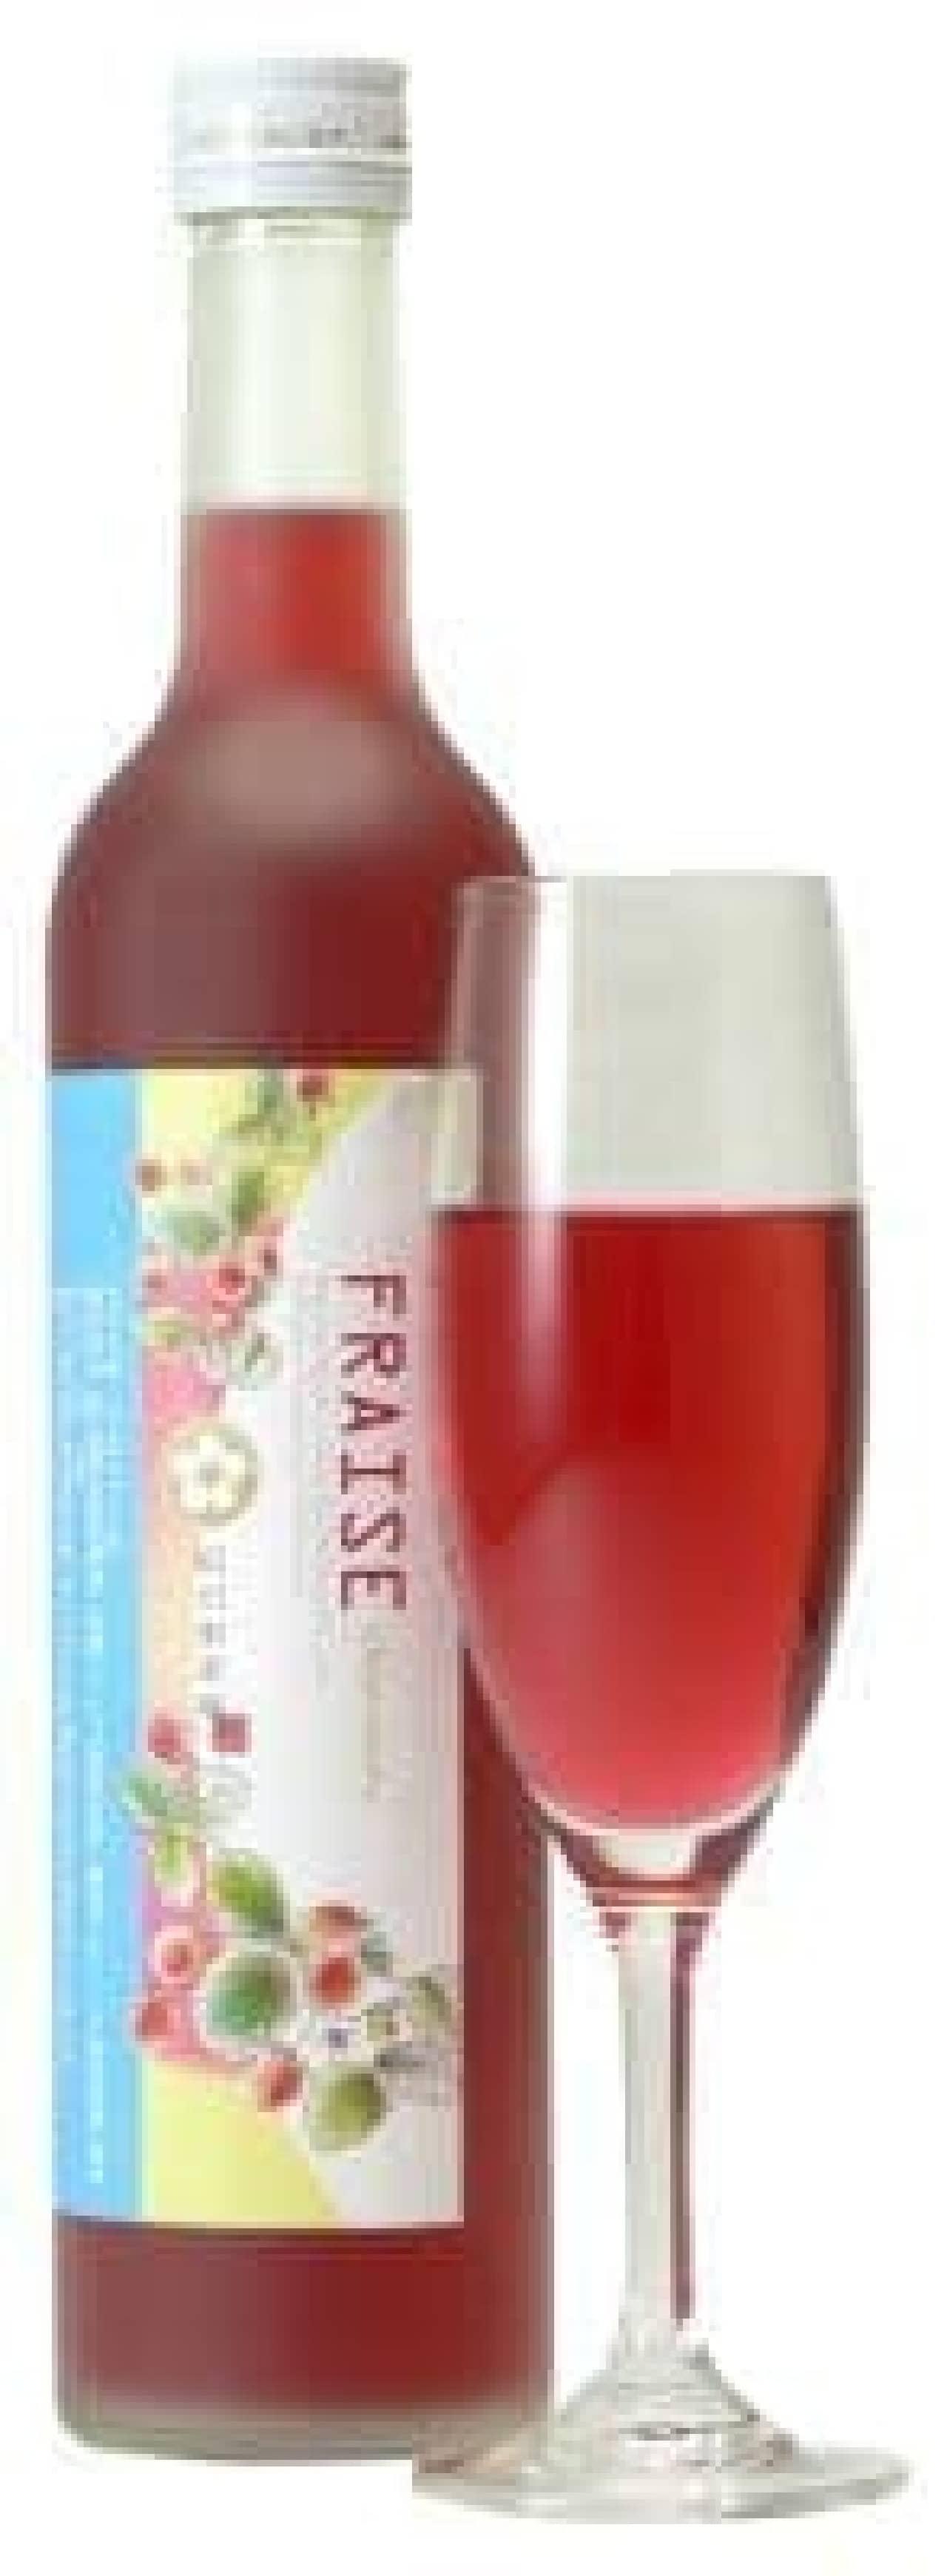 カクテル梅酒「FRAISE」